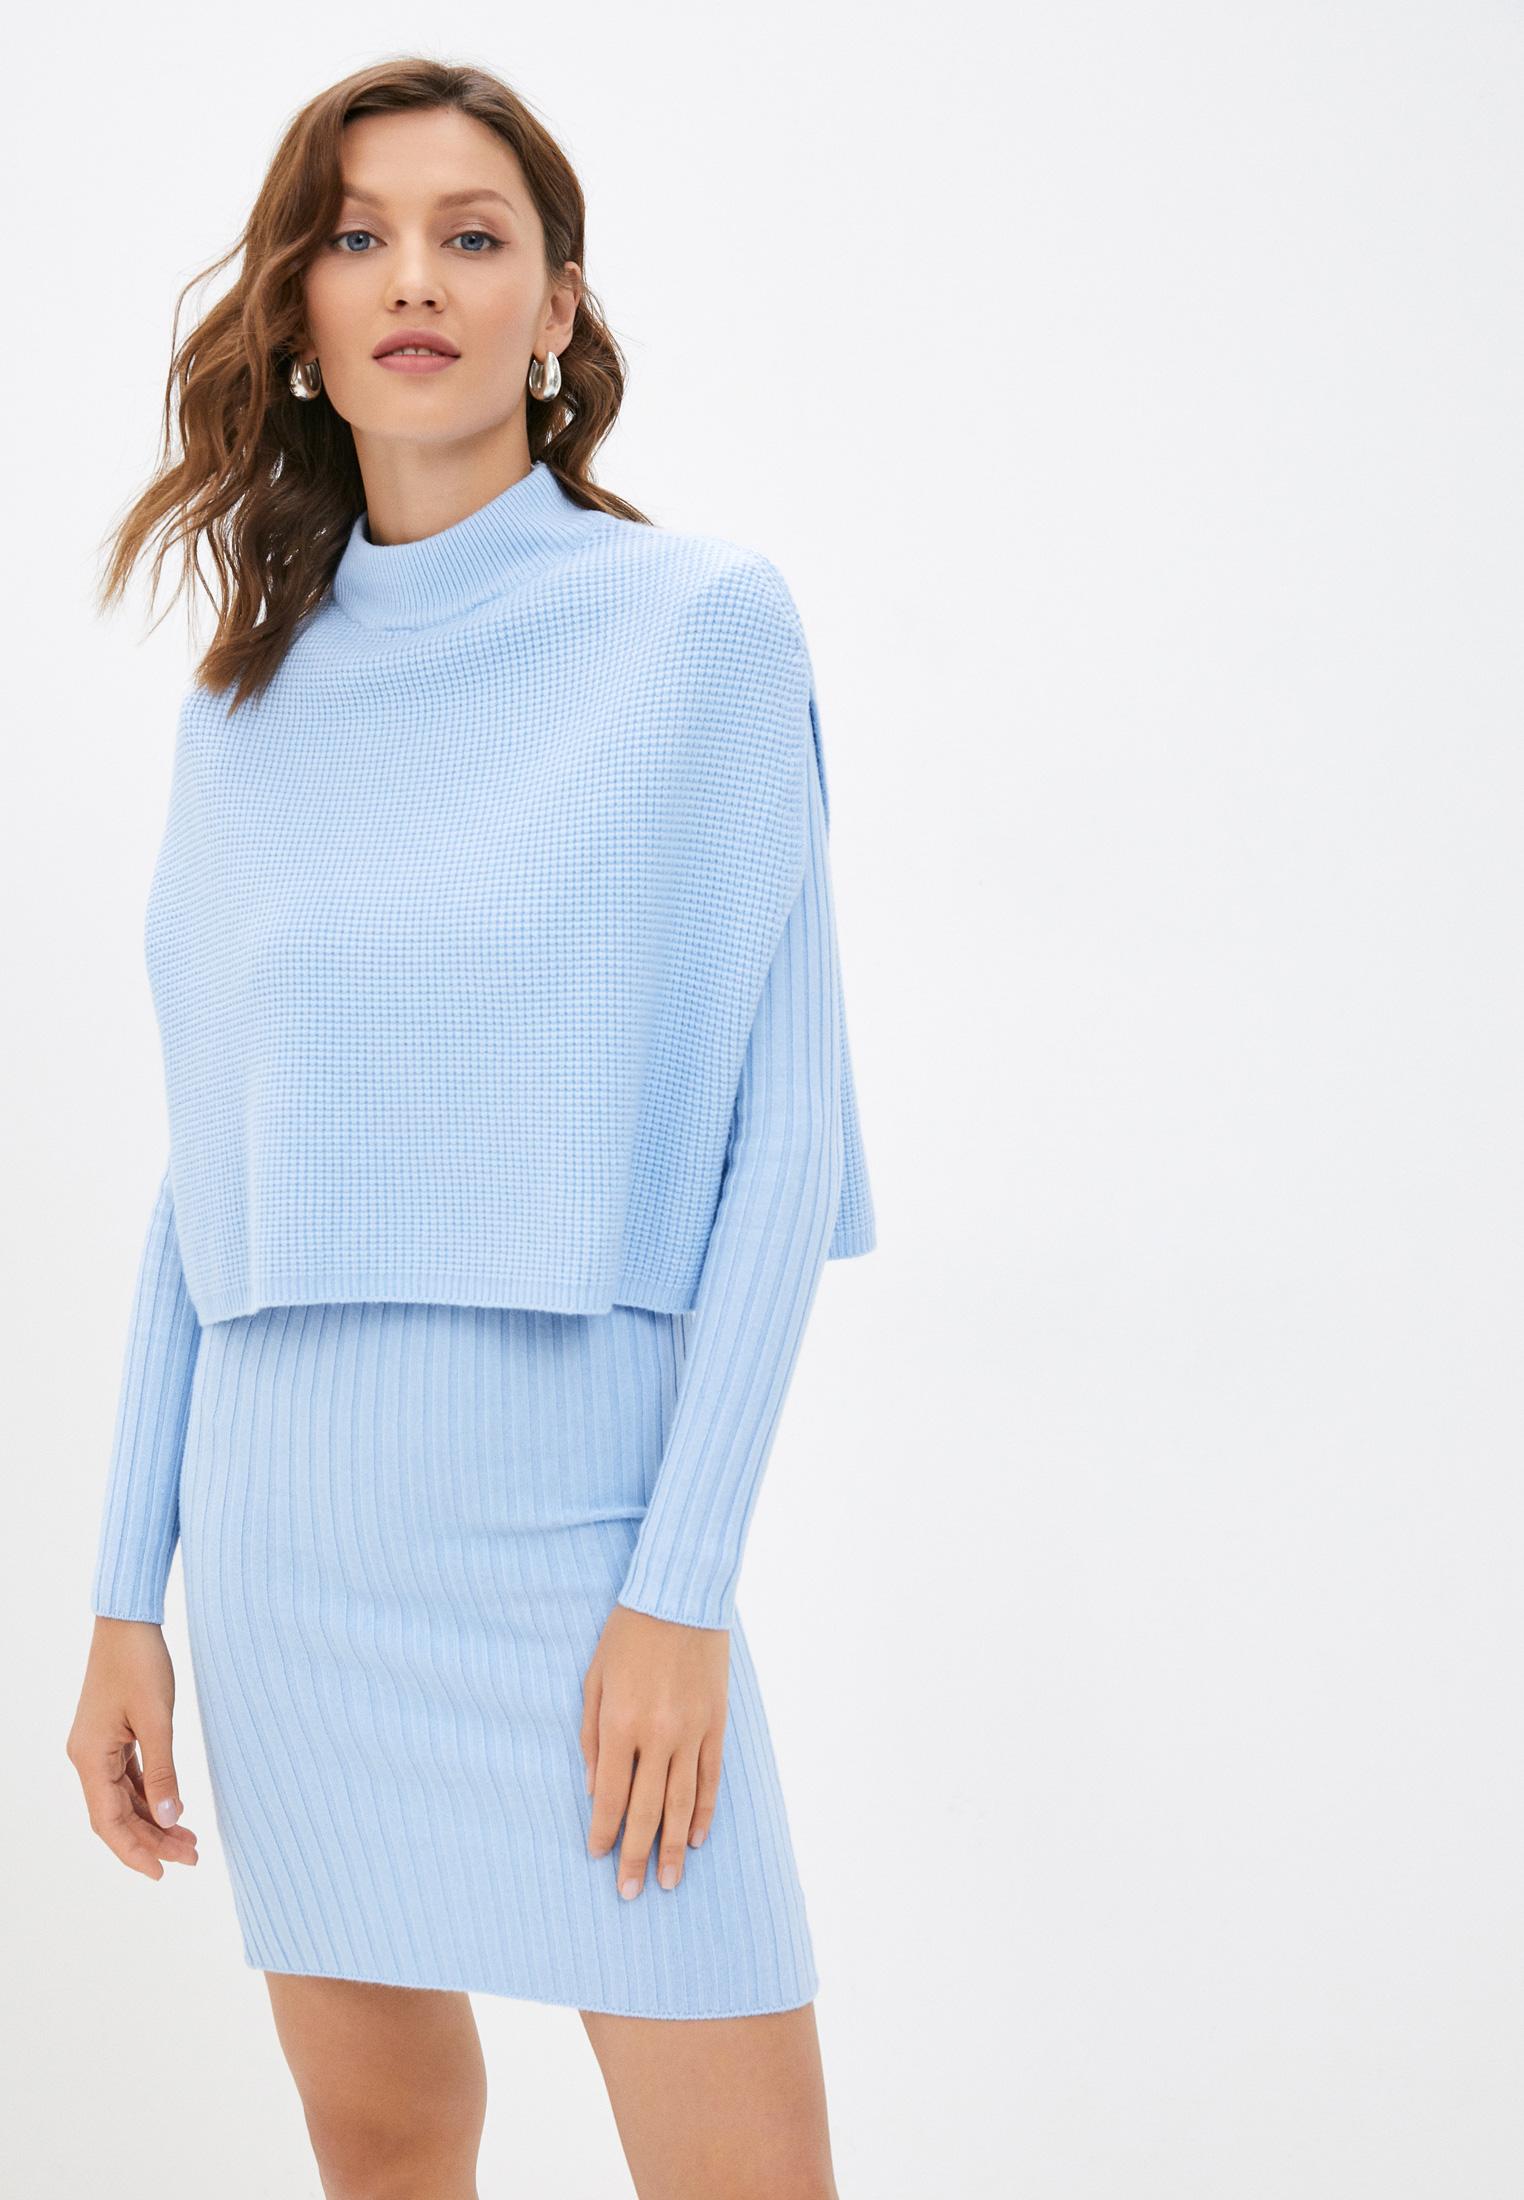 Вязаное платье Dunia DUF21-33-3